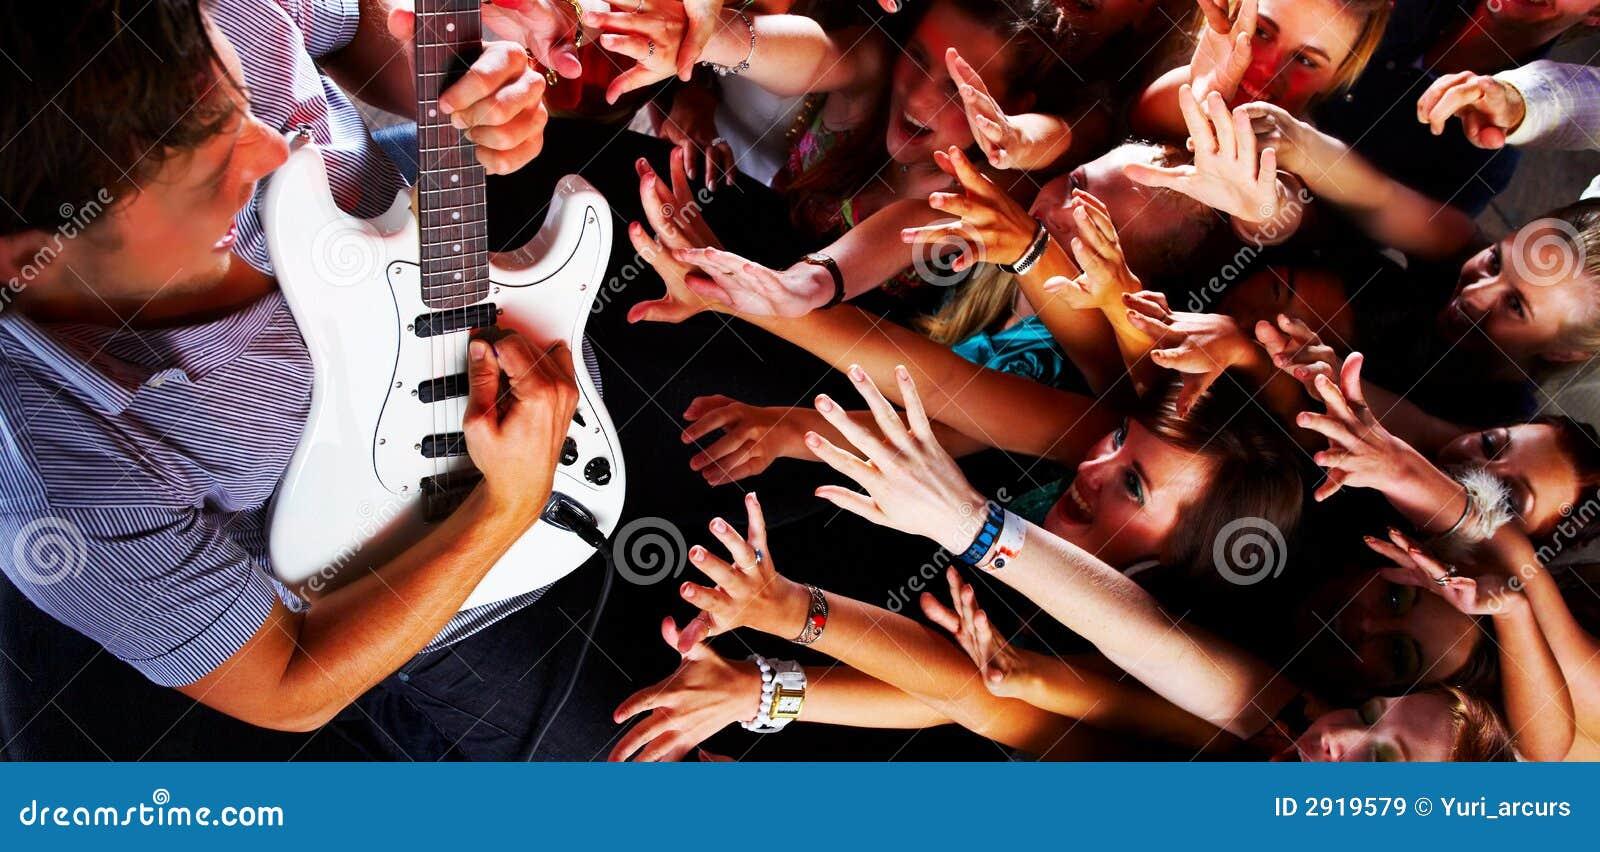 Guitarsolo em um concerto de rocha